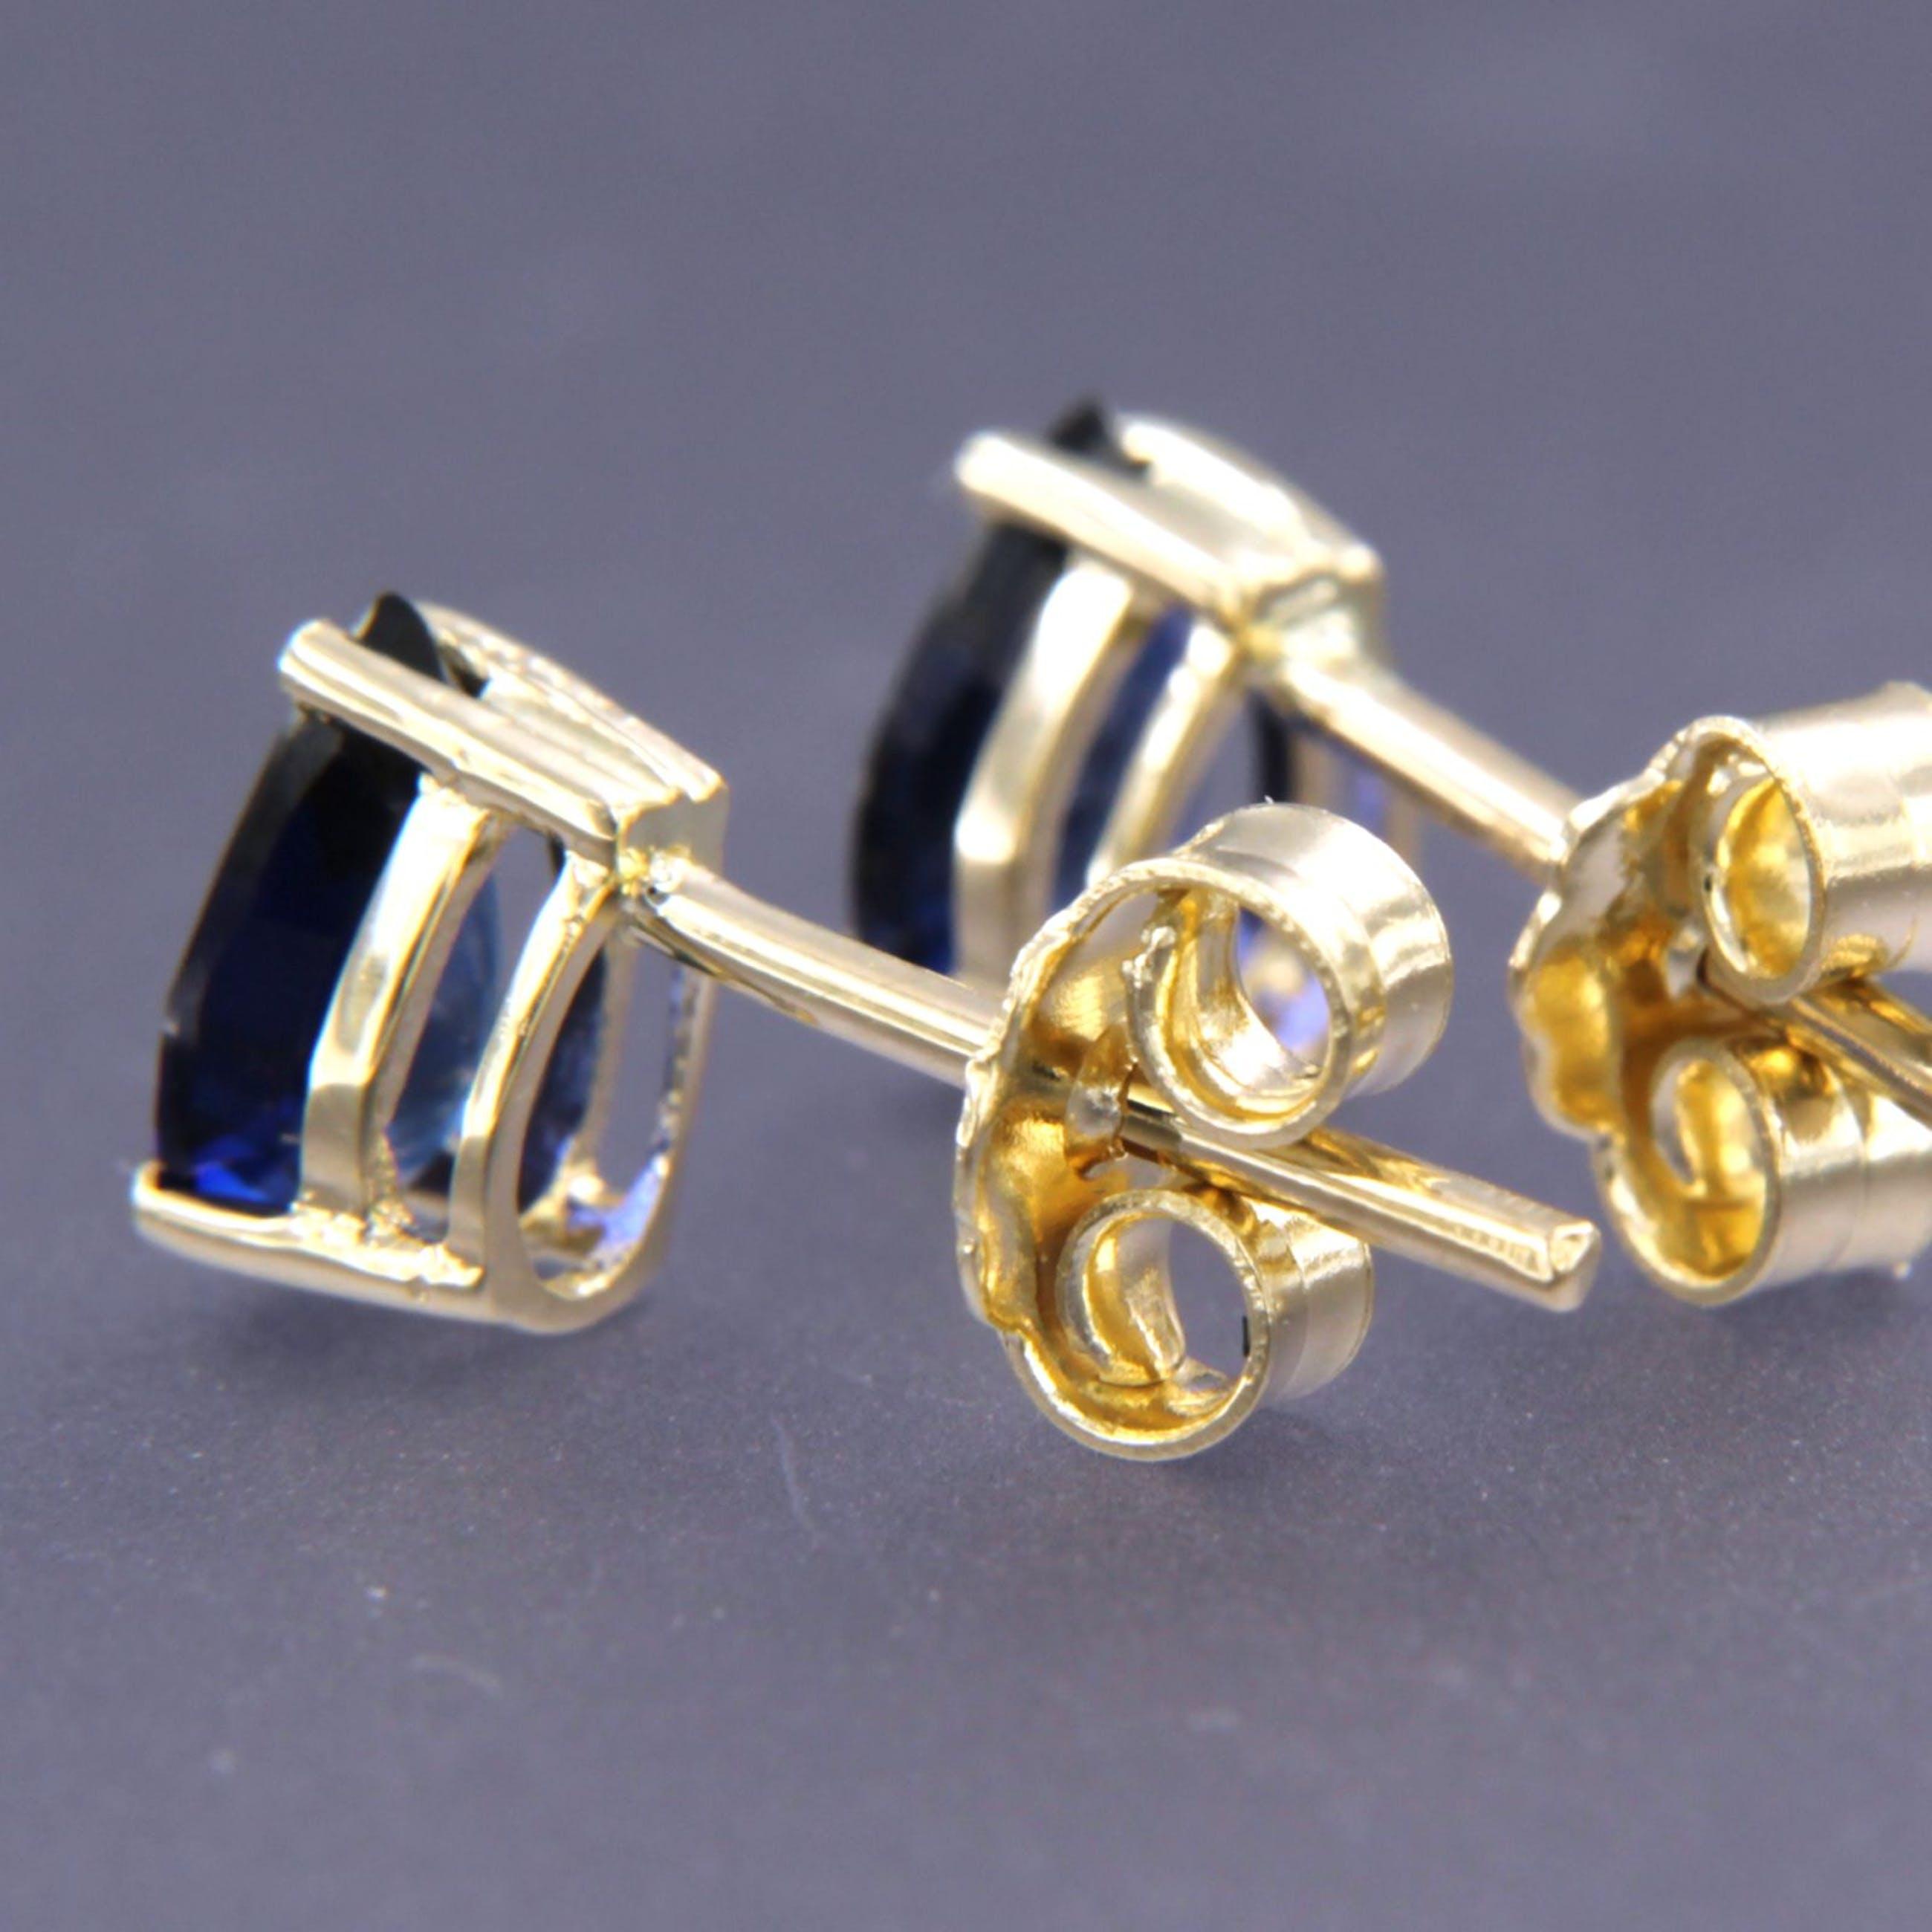 14K Goud - geelgouden oorknoppen met peergeslepen saffier kopen? Bied vanaf 150!